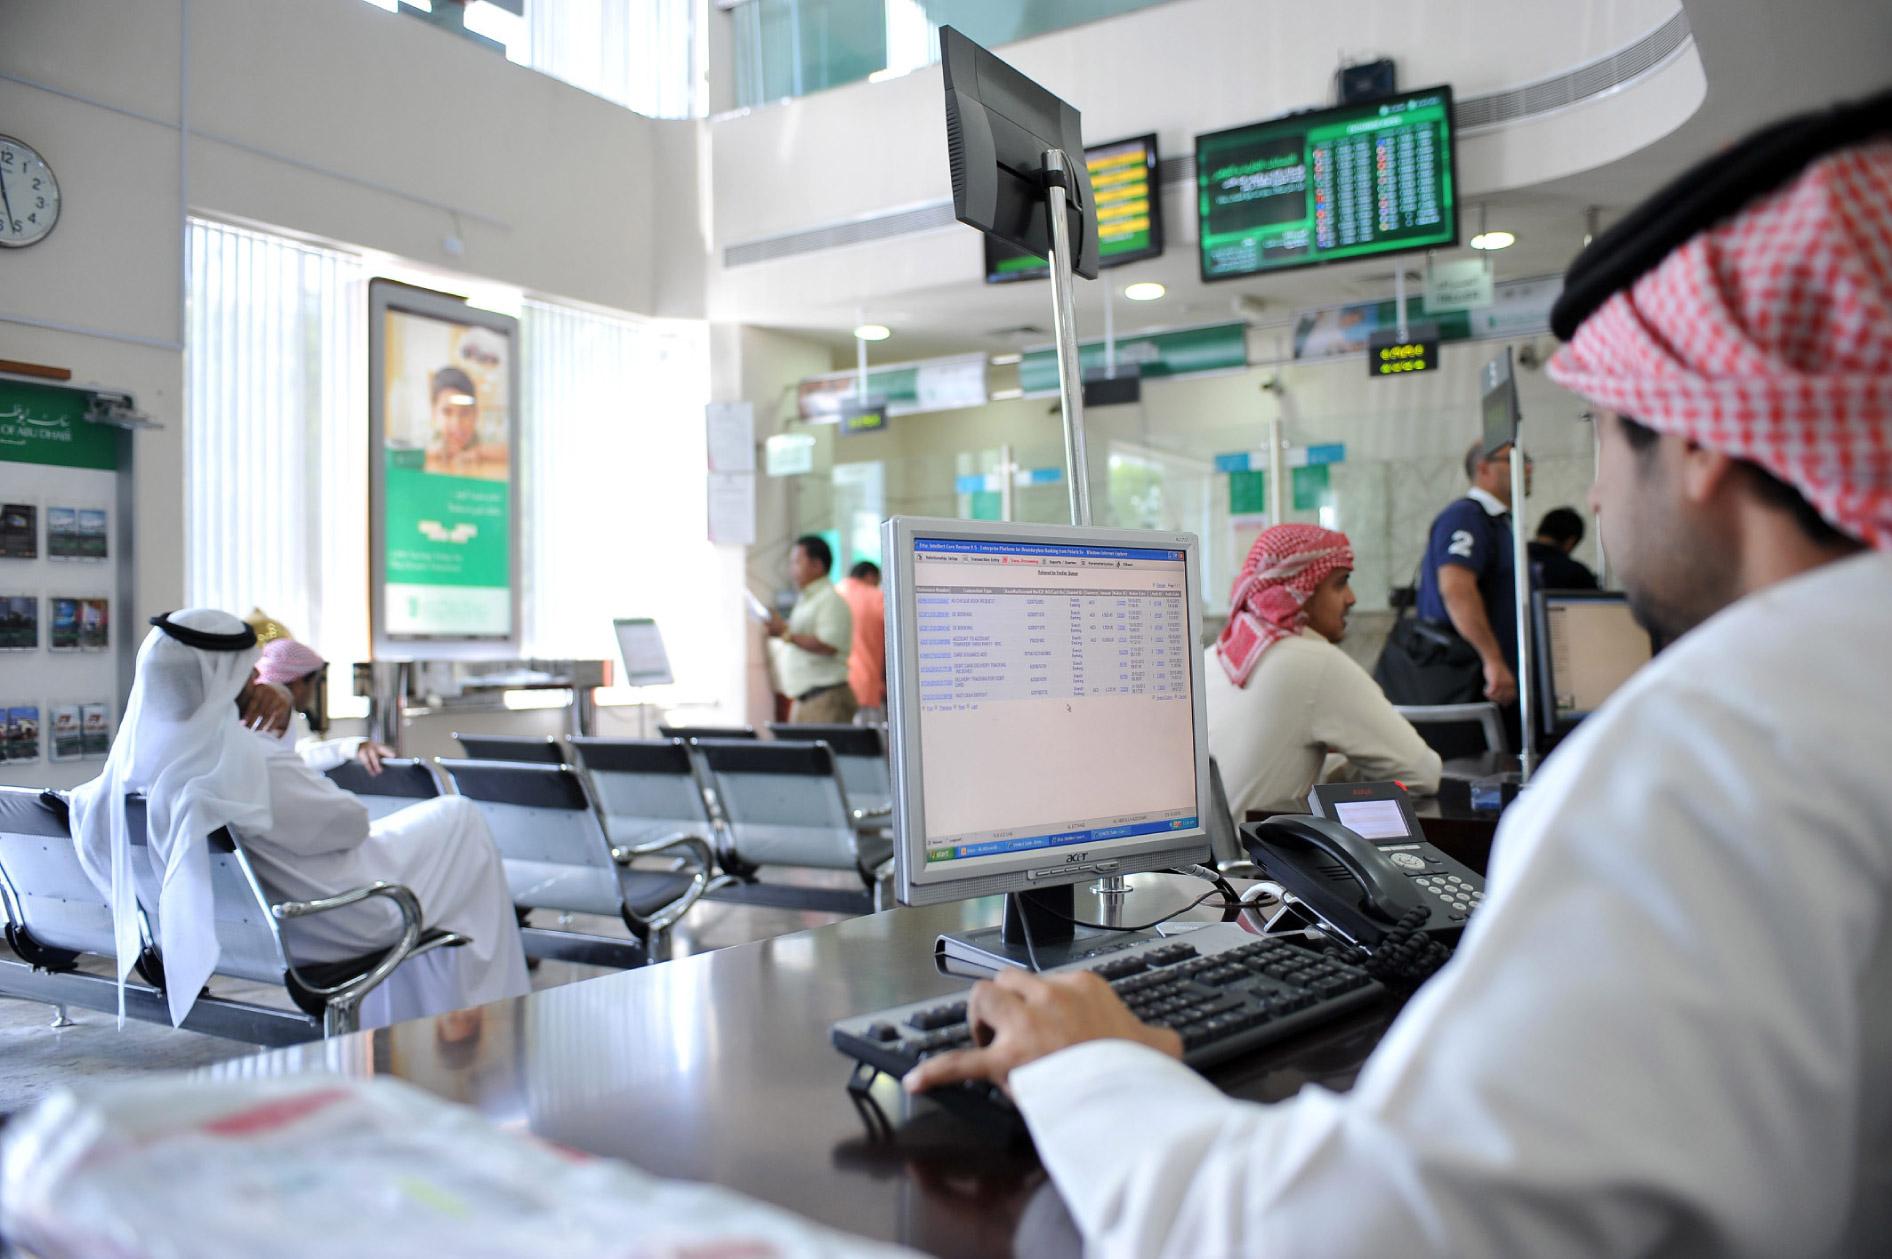 بسبب نقص السيولة.. تراجع أرباح البنوك الإماراتية بنسبة 6.5% في 2016